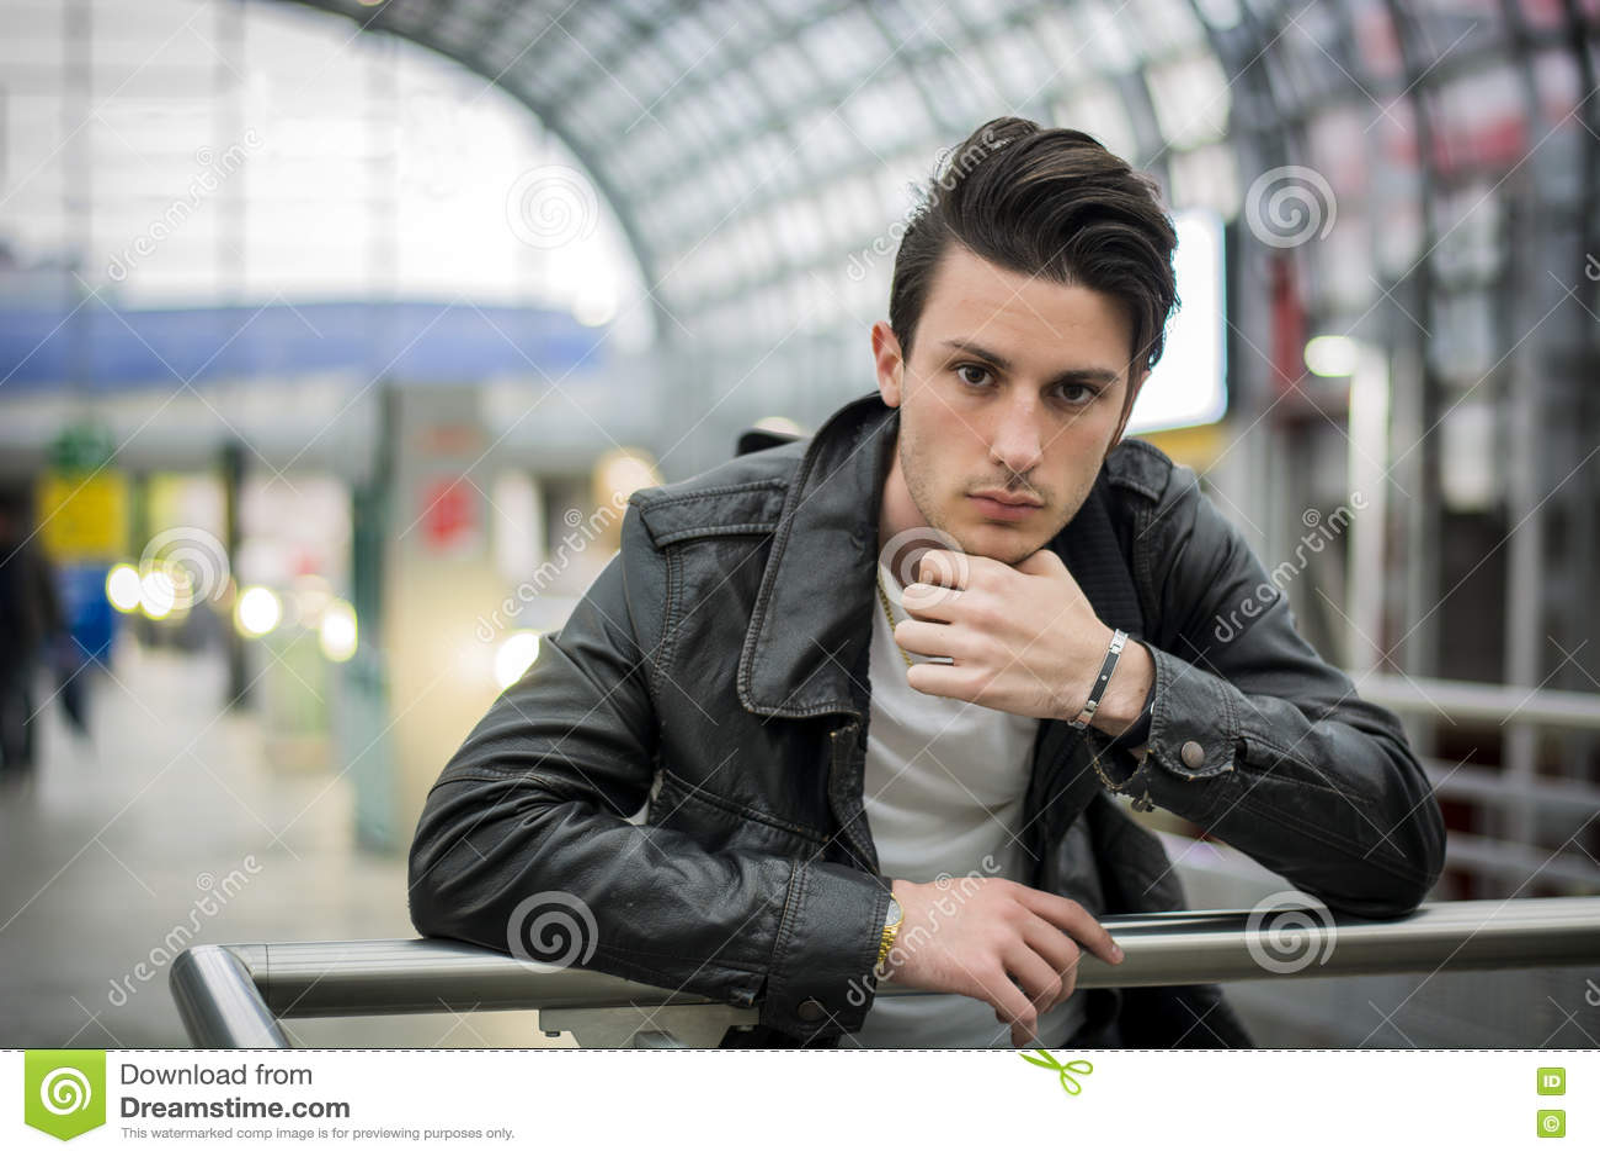 Привлекательный молодой человек внутри современного здания